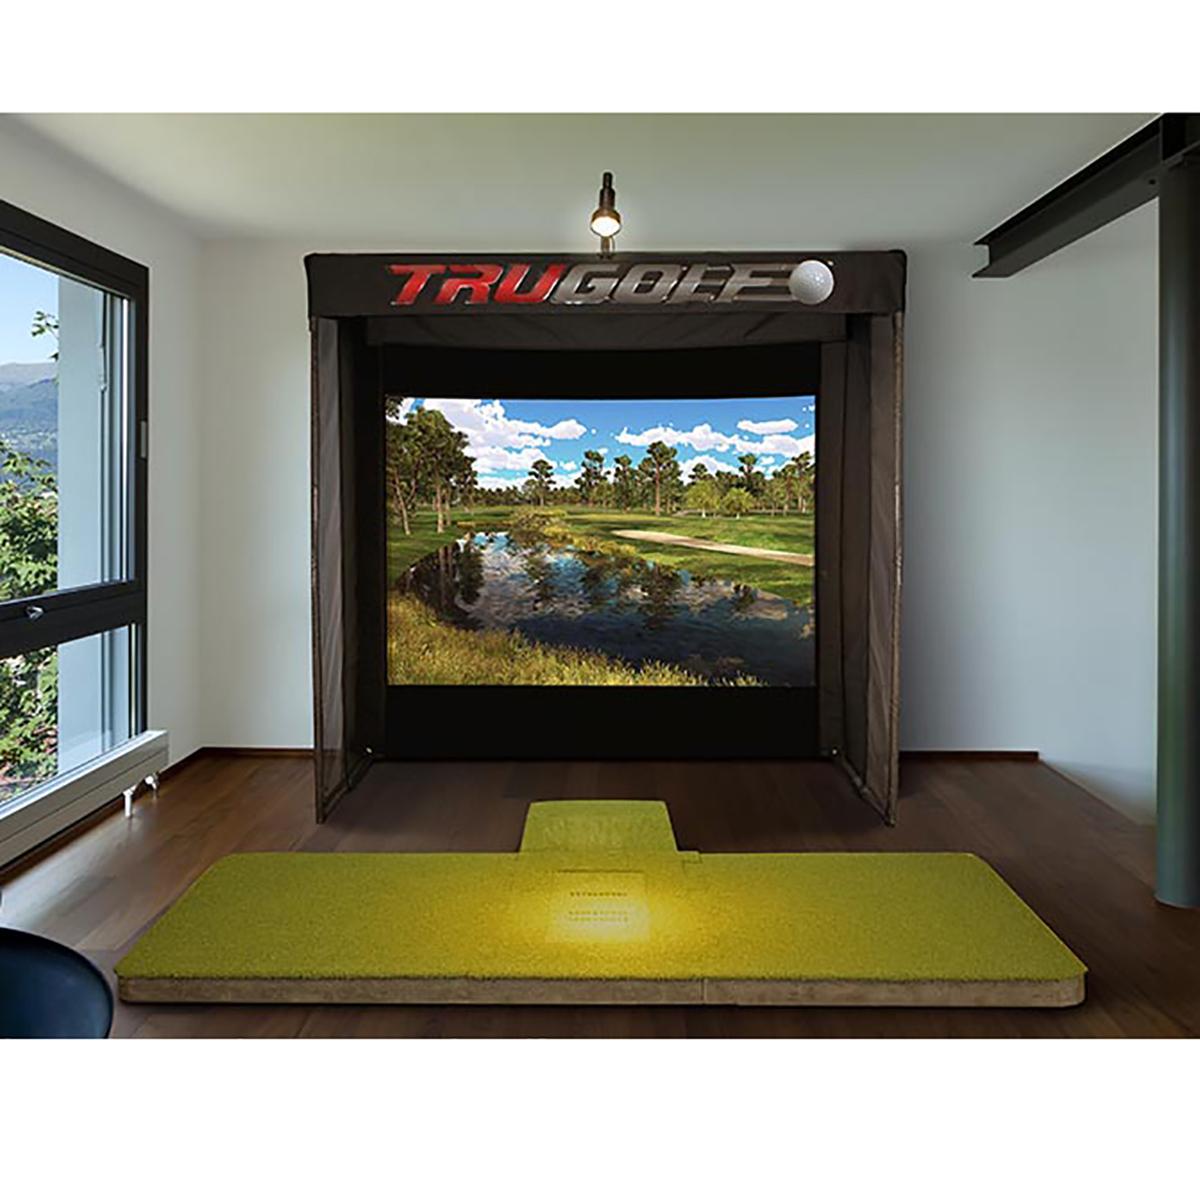 Top Golf Simulators and Golf Video Games In Metro Detroit